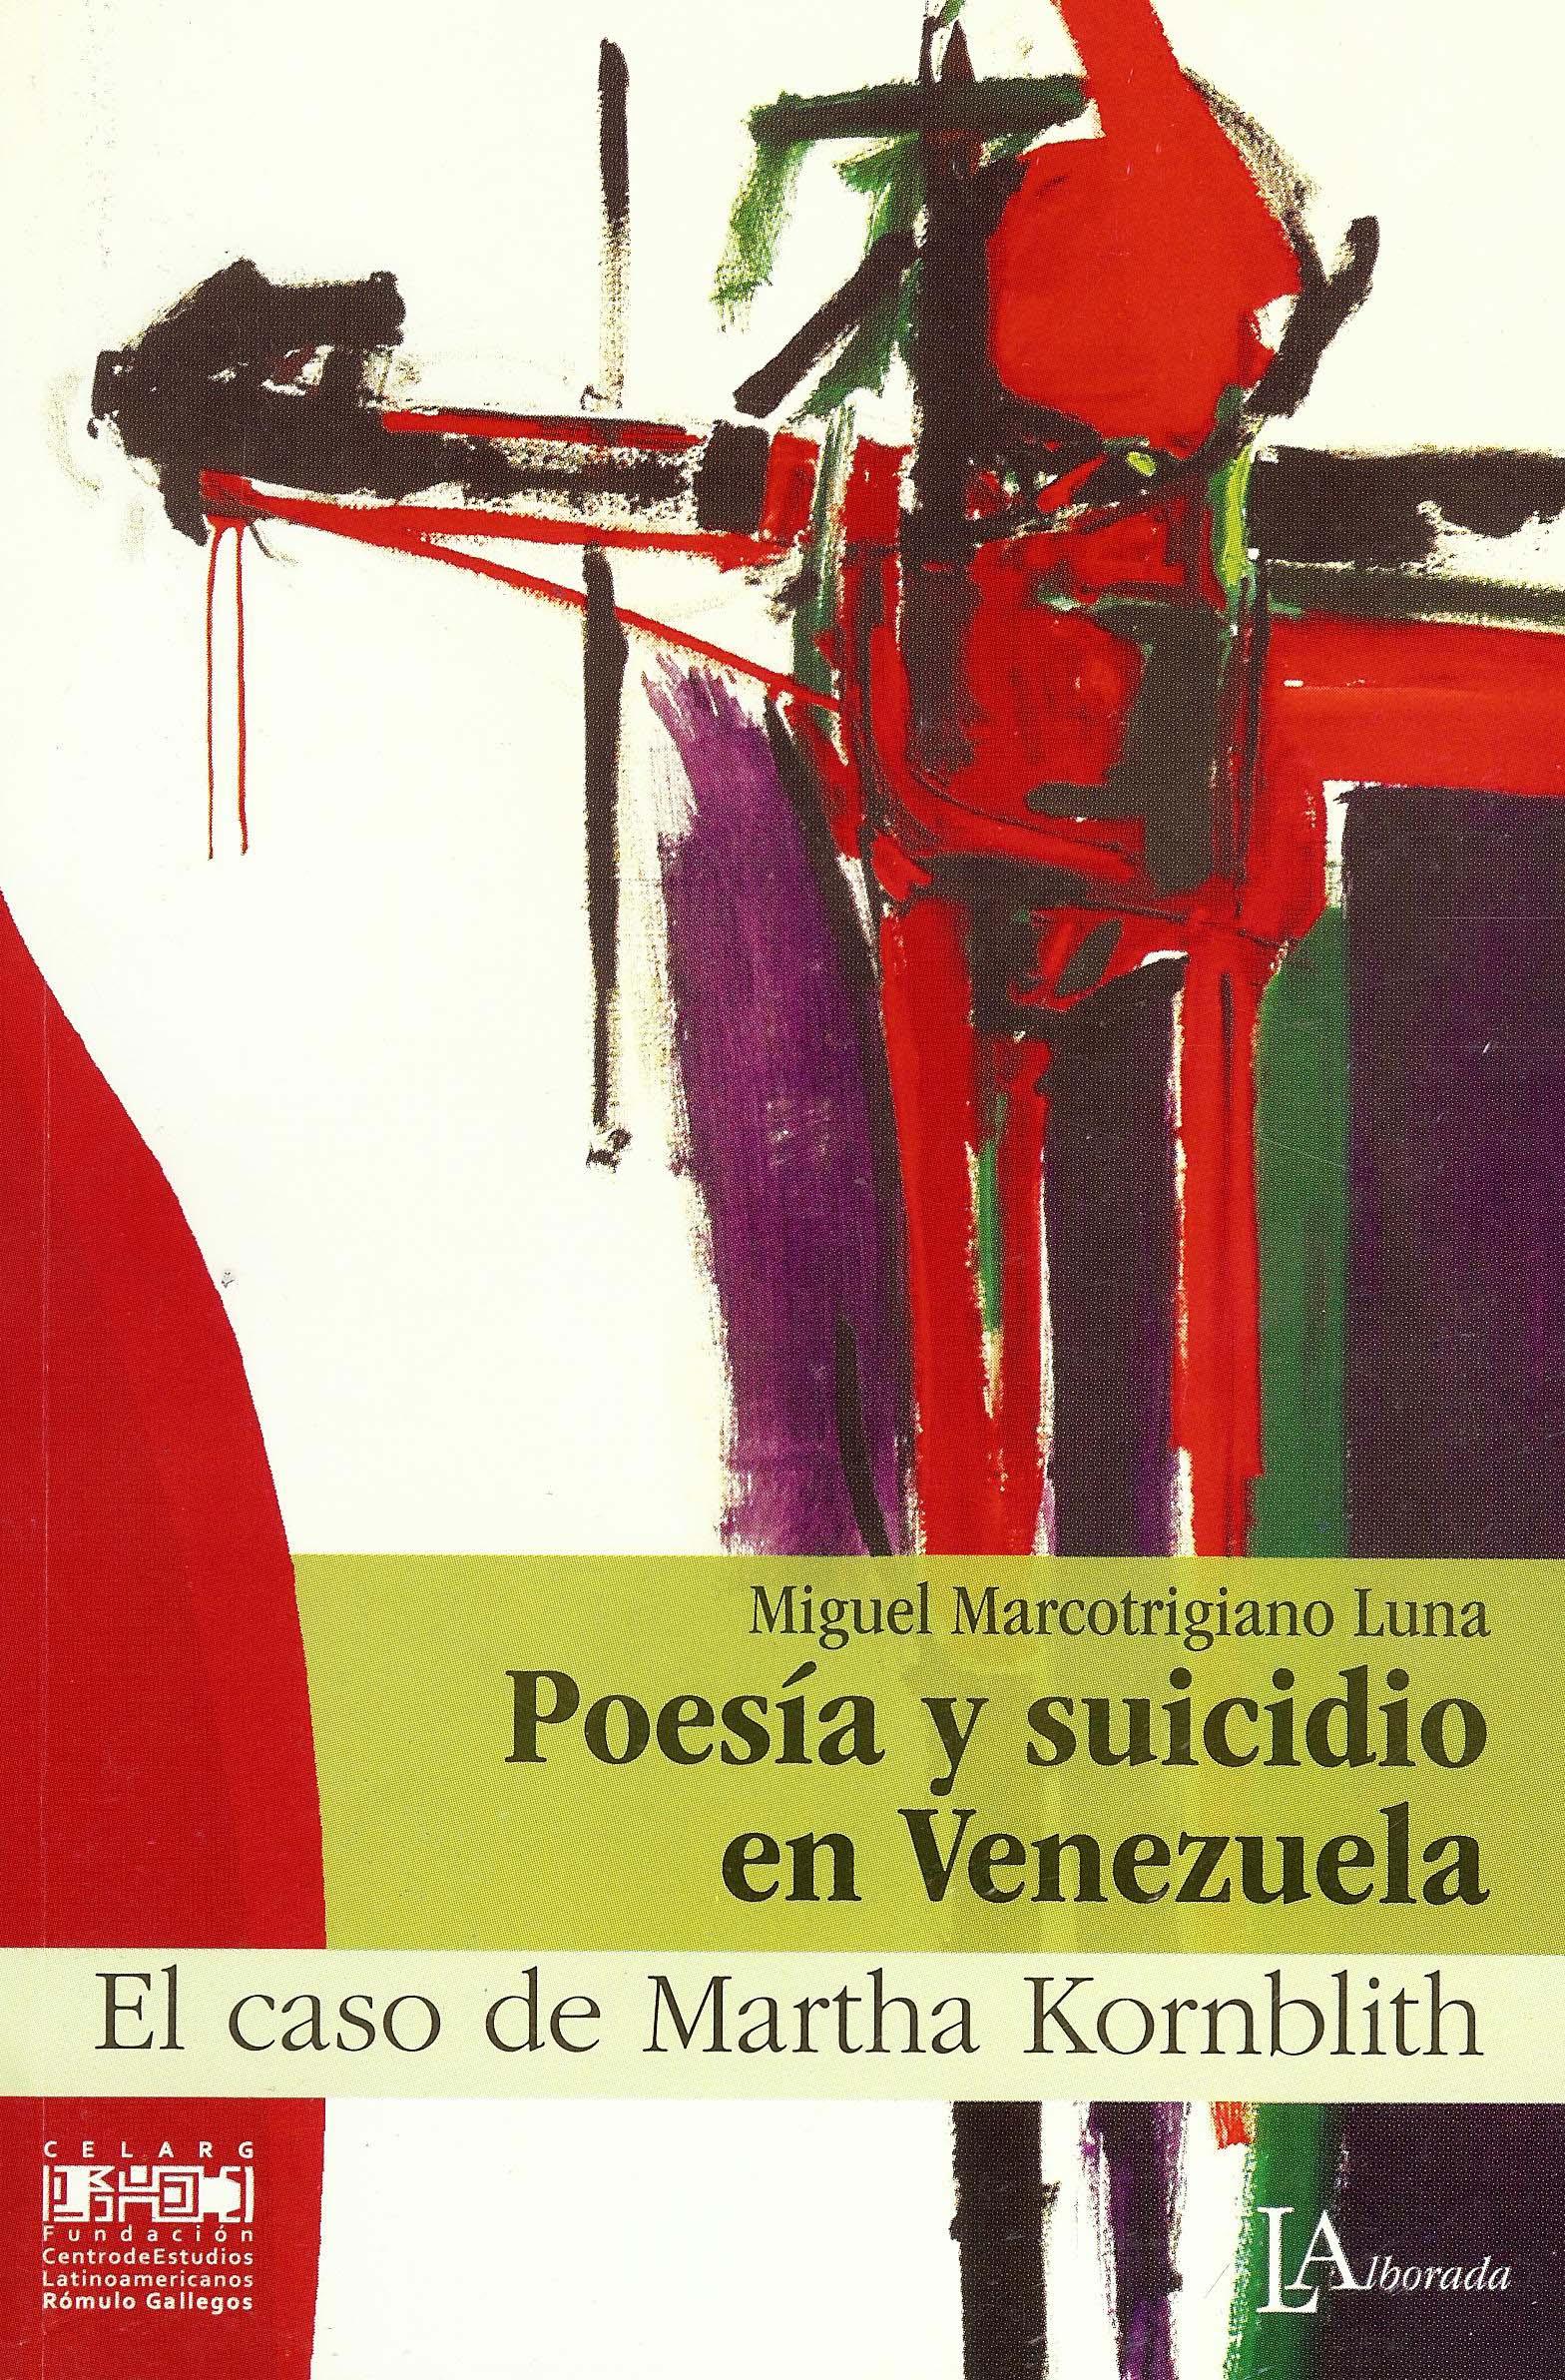 Poesía y suicidio en Venezuela